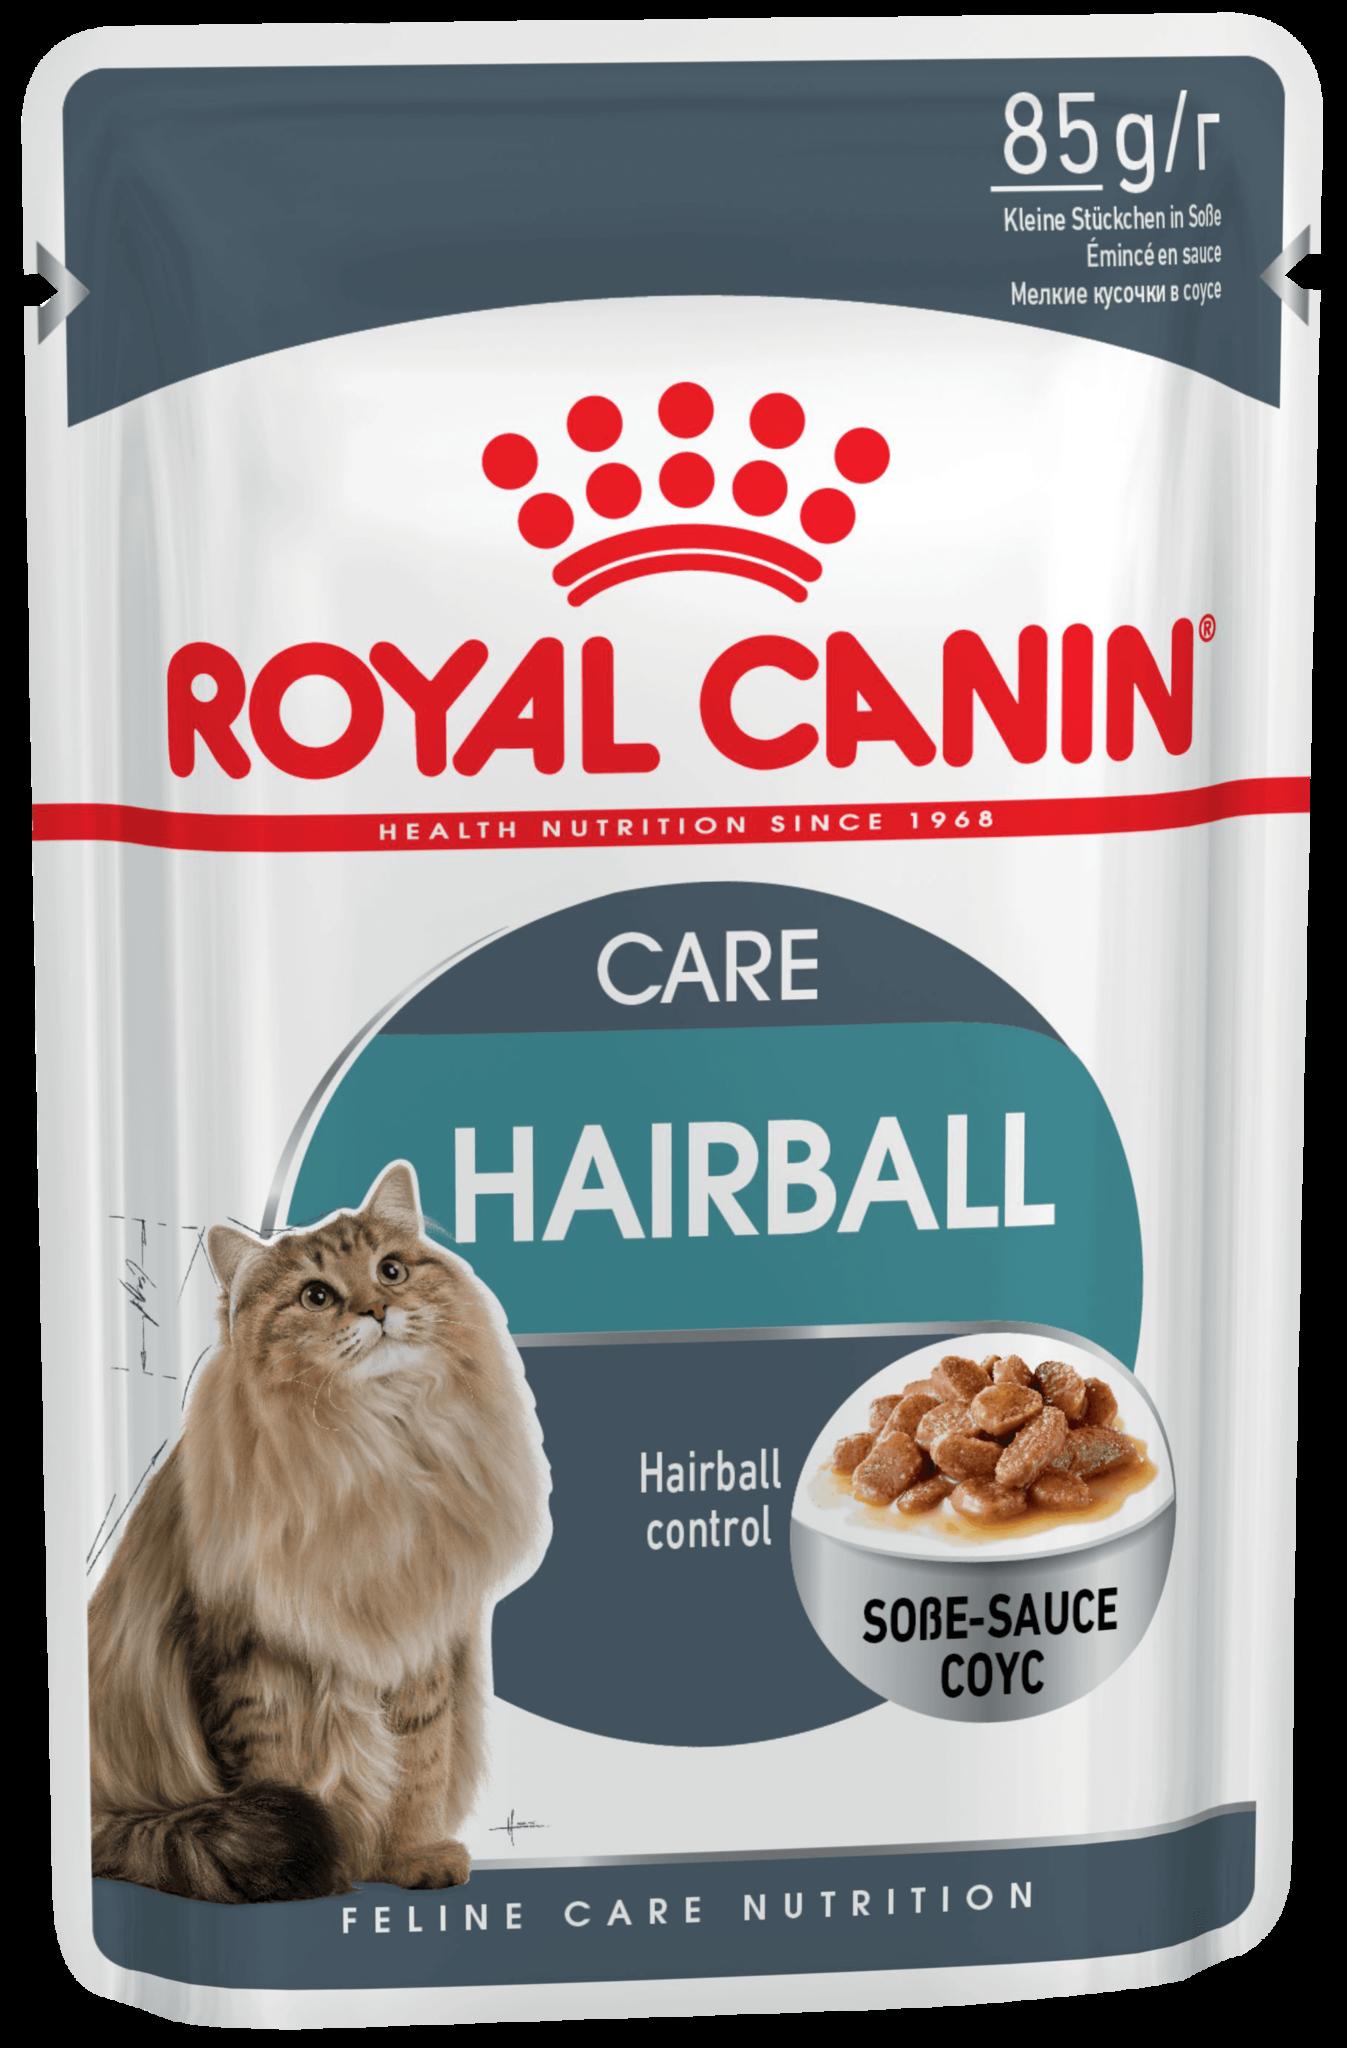 Royal Canin Пауч для кошек, Royal Canin Hairball Care, в целях профилактики образования волосяных комочков в ЖКТ (в соусе) f_hairball-care-in-gravy.png